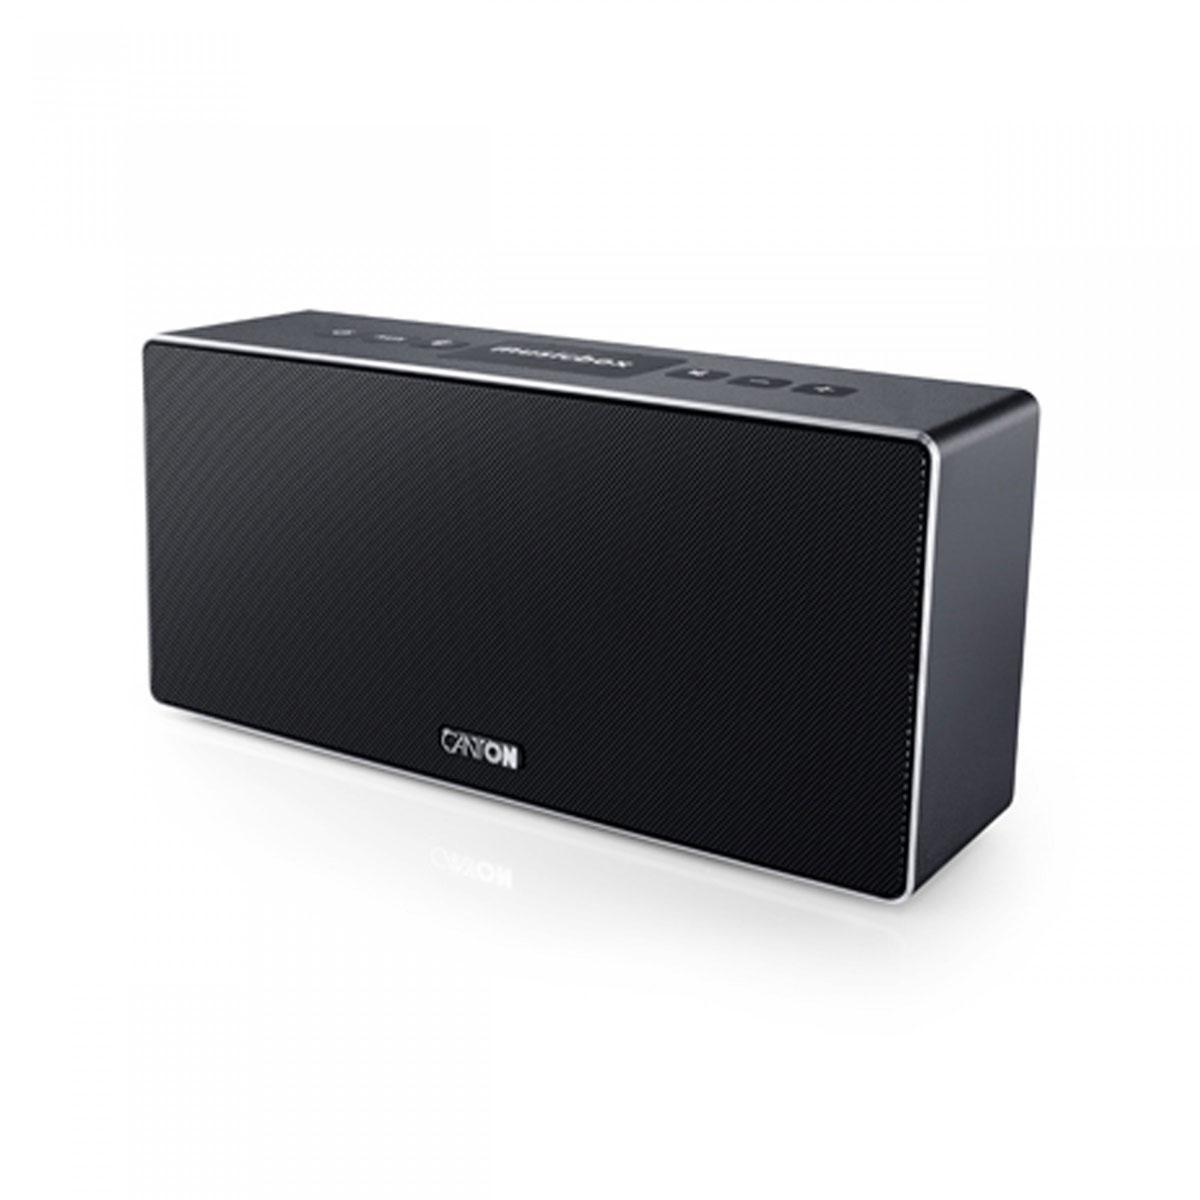 canton musicbox s schwarz bluetooth lautsprecher ebay. Black Bedroom Furniture Sets. Home Design Ideas